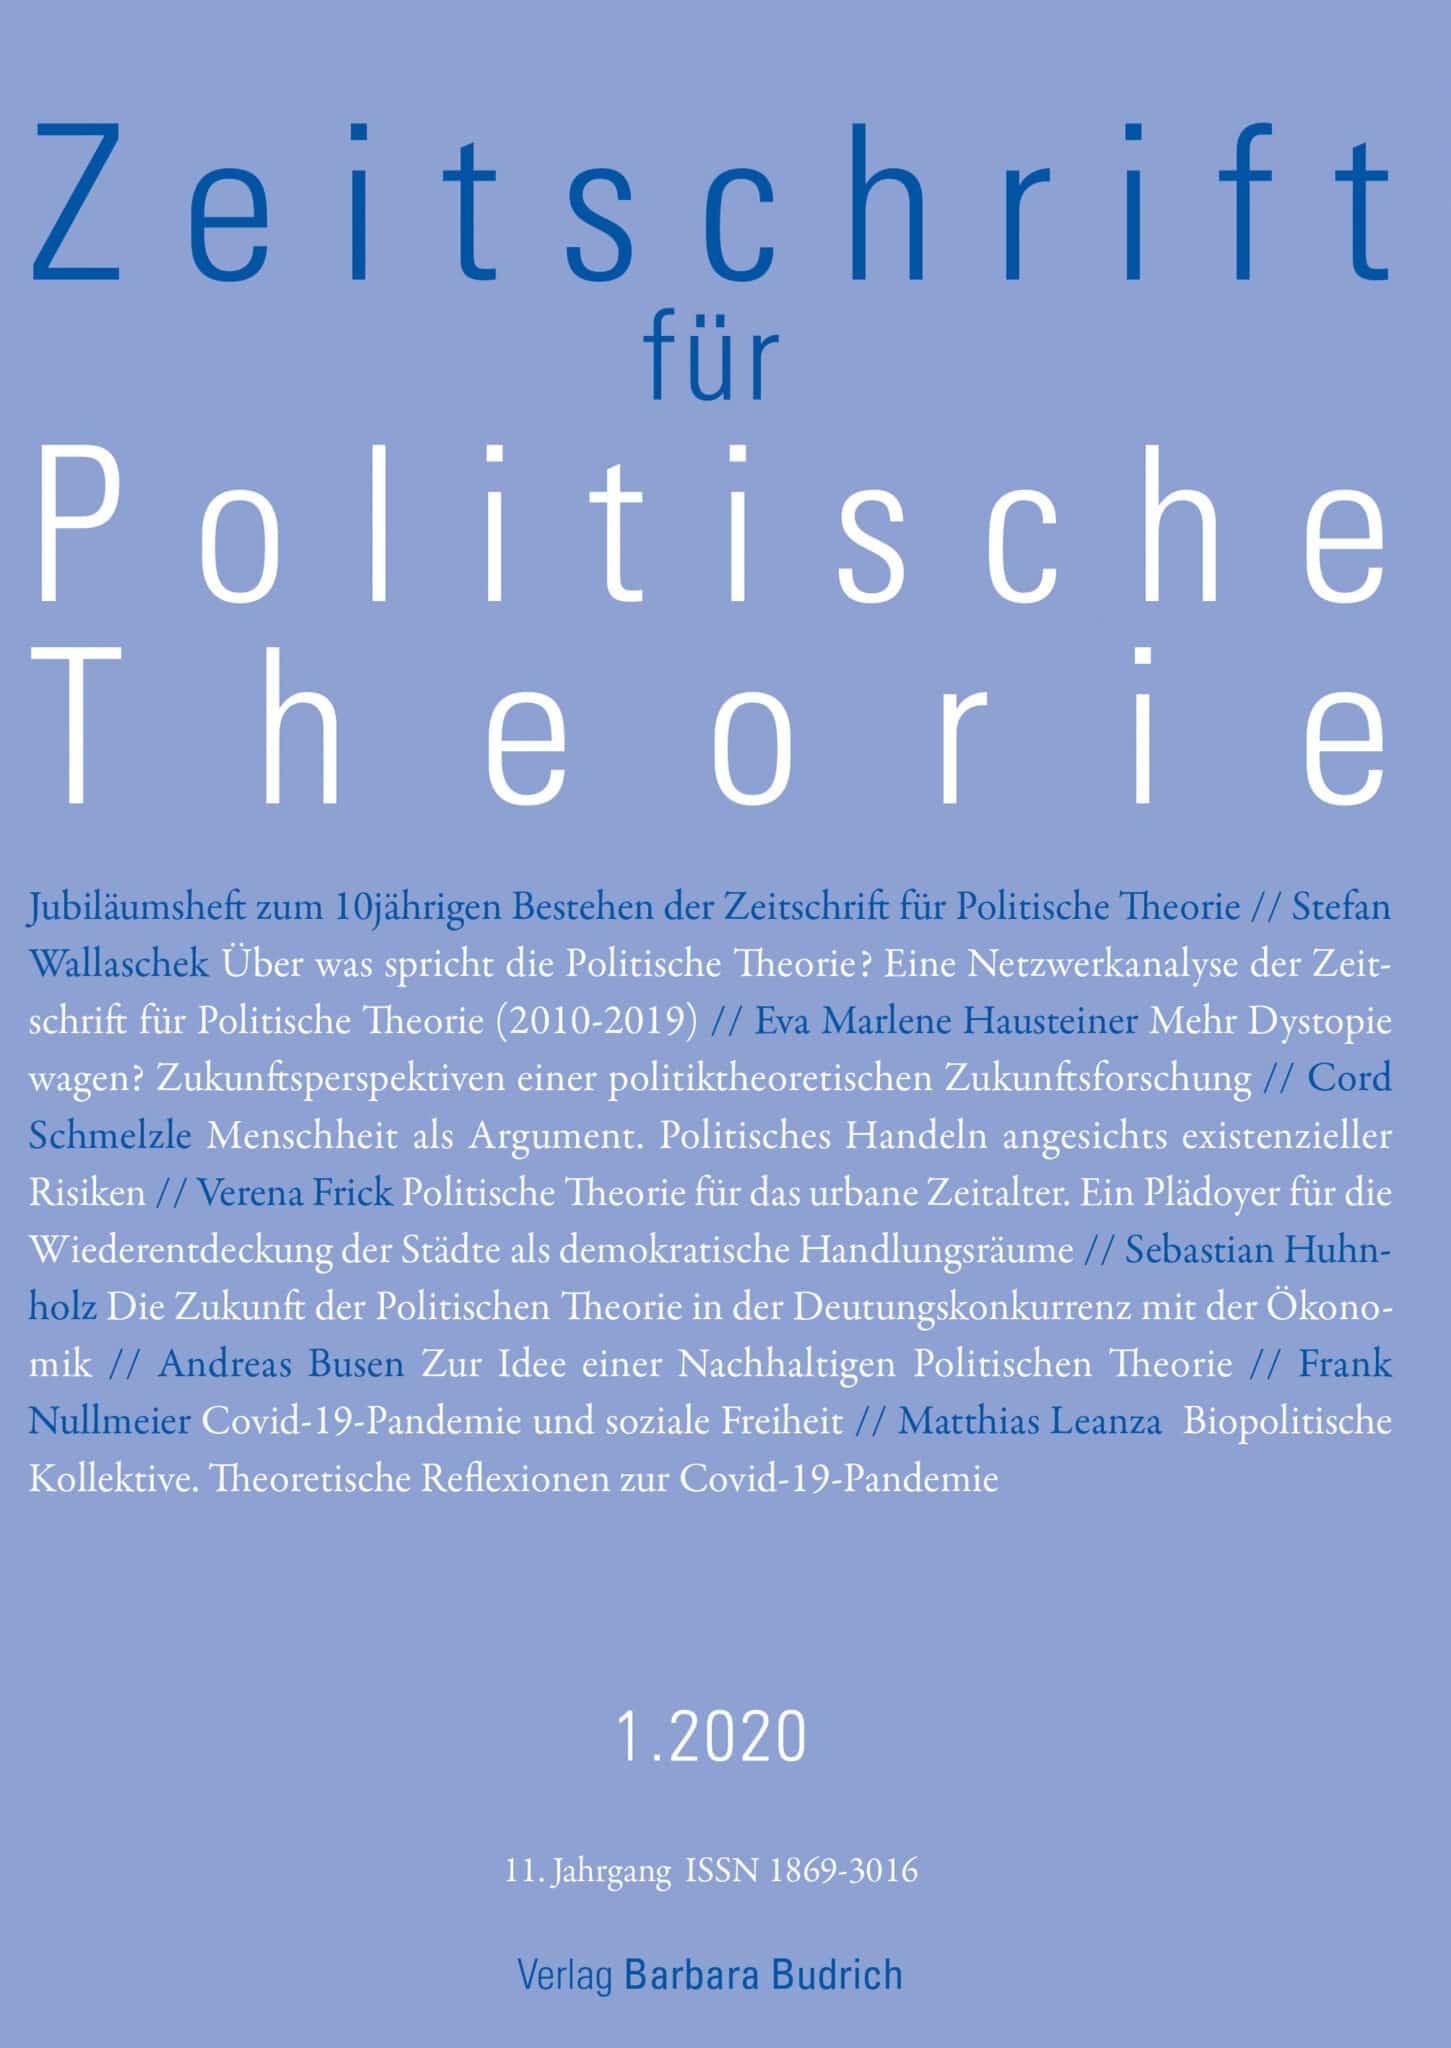 ZPTh – Zeitschrift für Politische Theorie 1-2020: Jubiläumsheft zum 10jährigen Bestehen der Zeitschrift für Politische Theorie